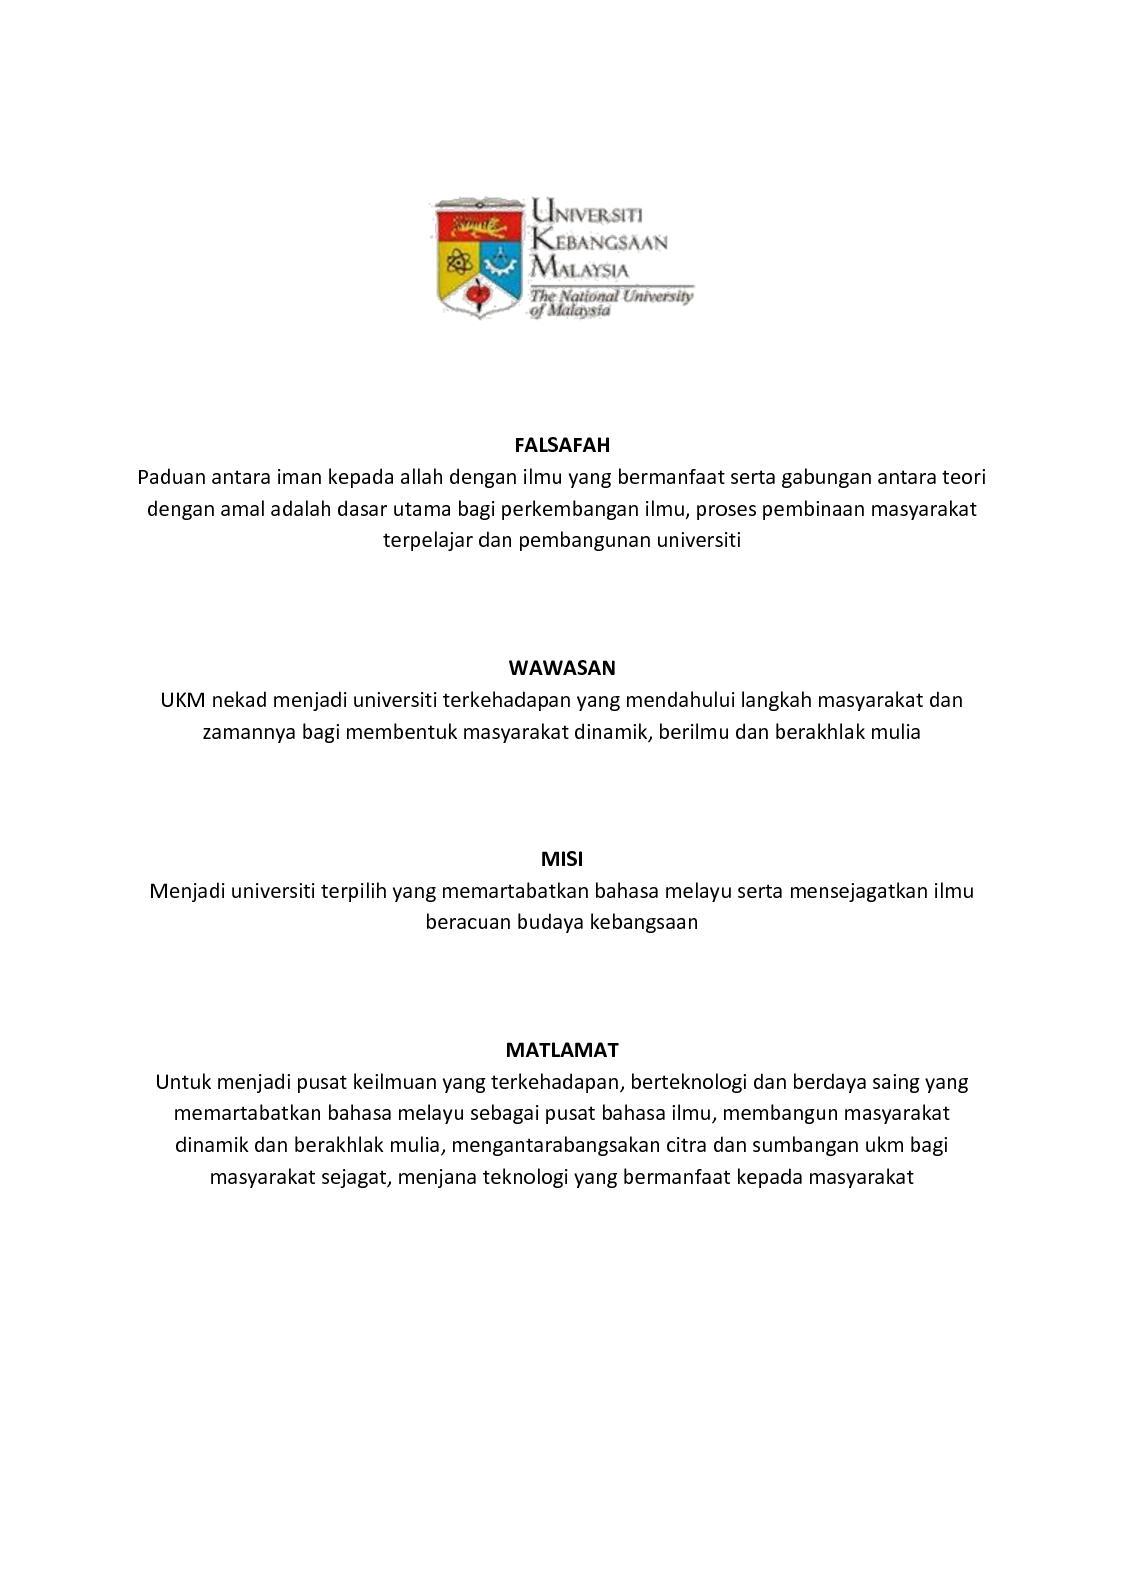 Buku Panduan Latihan Industri Fep Calameo Downloader